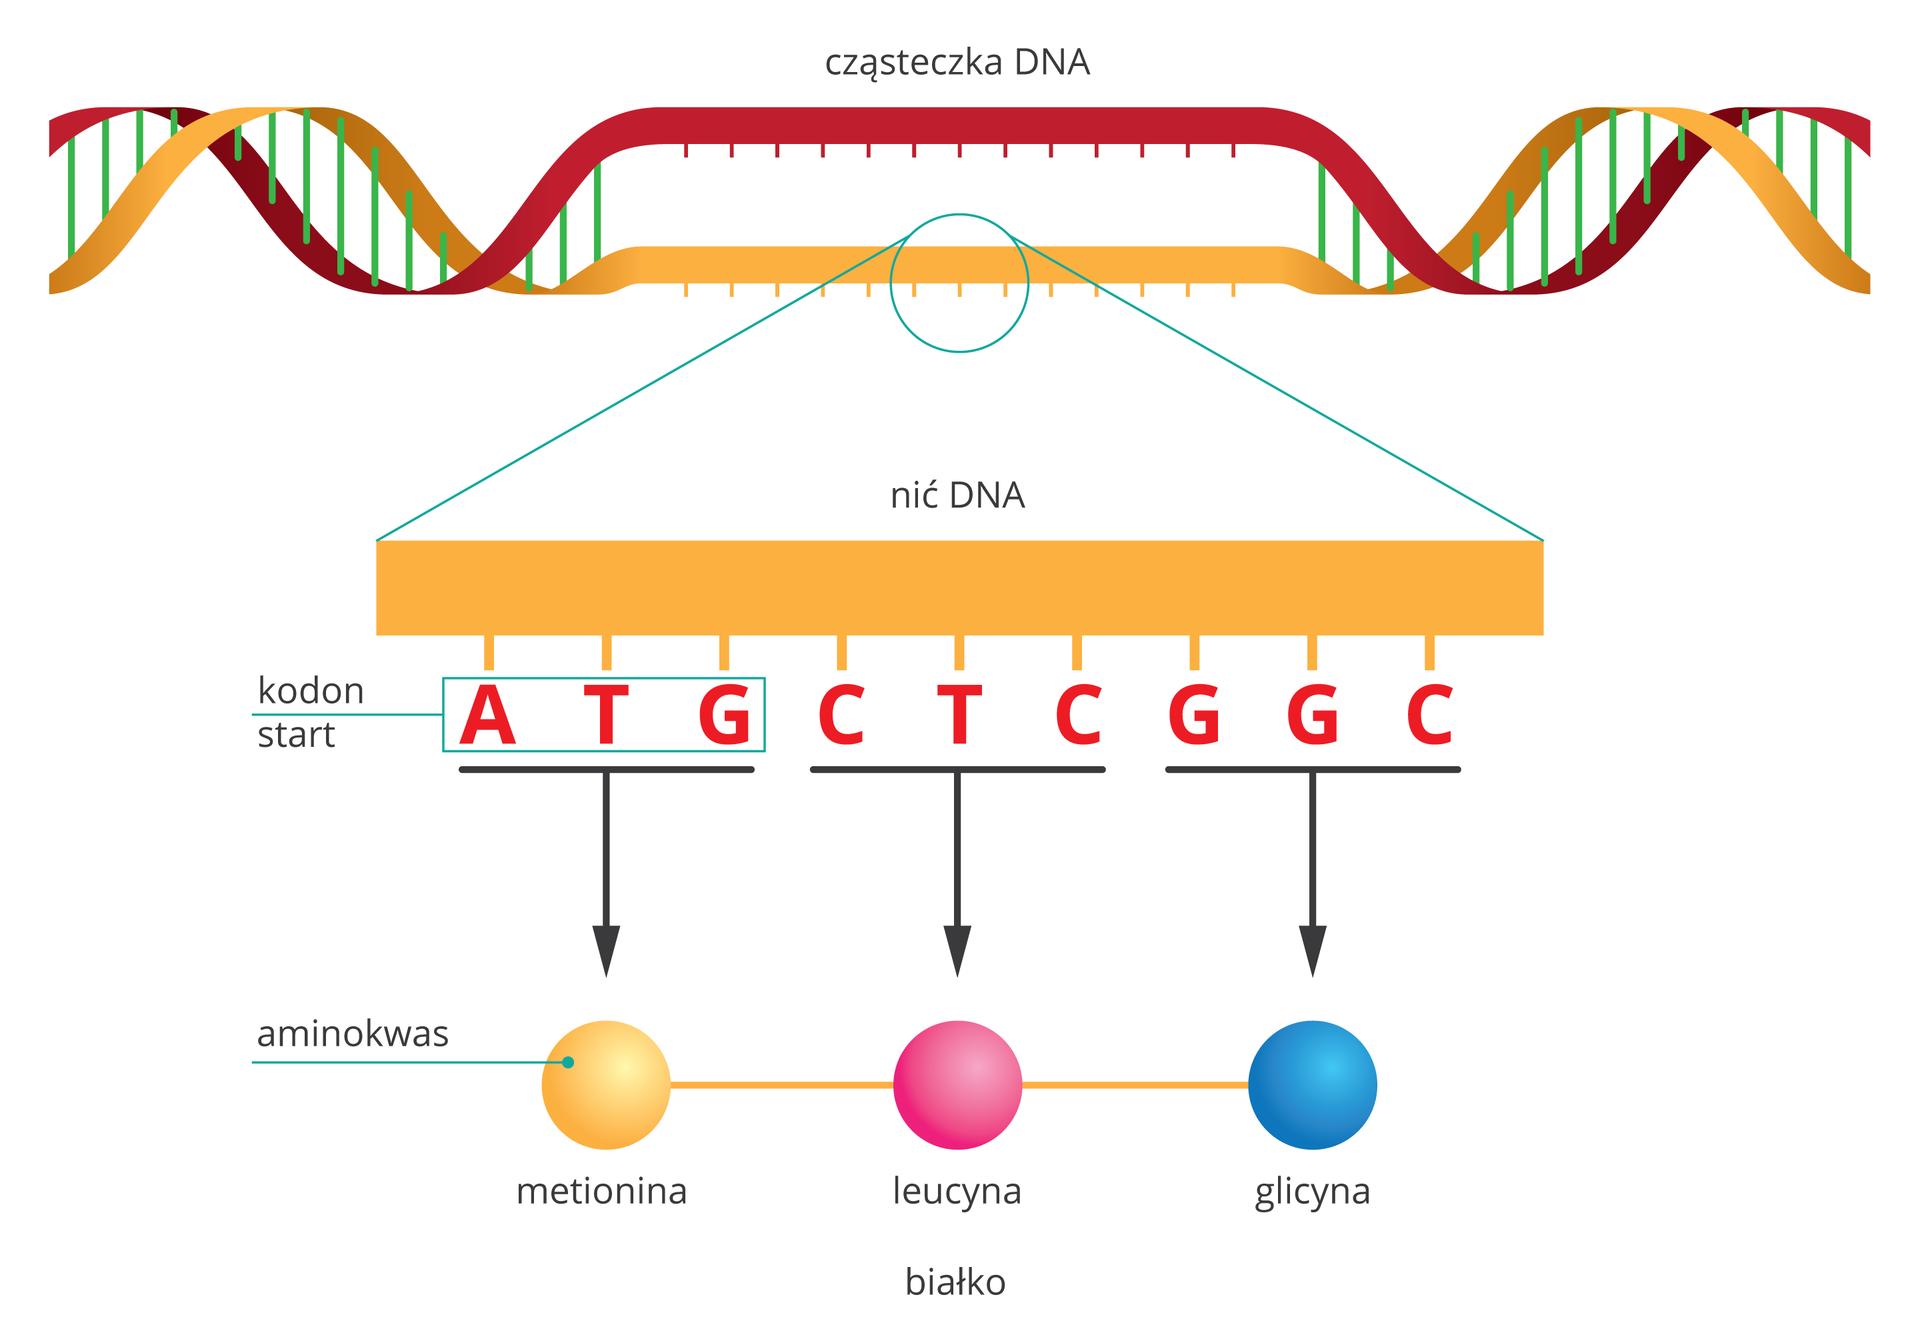 Ilustracja przestawia schematycznie proces syntezy białka. Ugóry czerwono – żółta nić DNA, częściowo rozpleciona. Od żółtej nici wdół powiększenie. Podpisane kodony: ATG (start), CTC, GGC. Od nich strzałki do nazw aminokwasów: metionina, leucyna, glicyna. Połączone kolejno aminokwasy tworzą łańcuch białka.